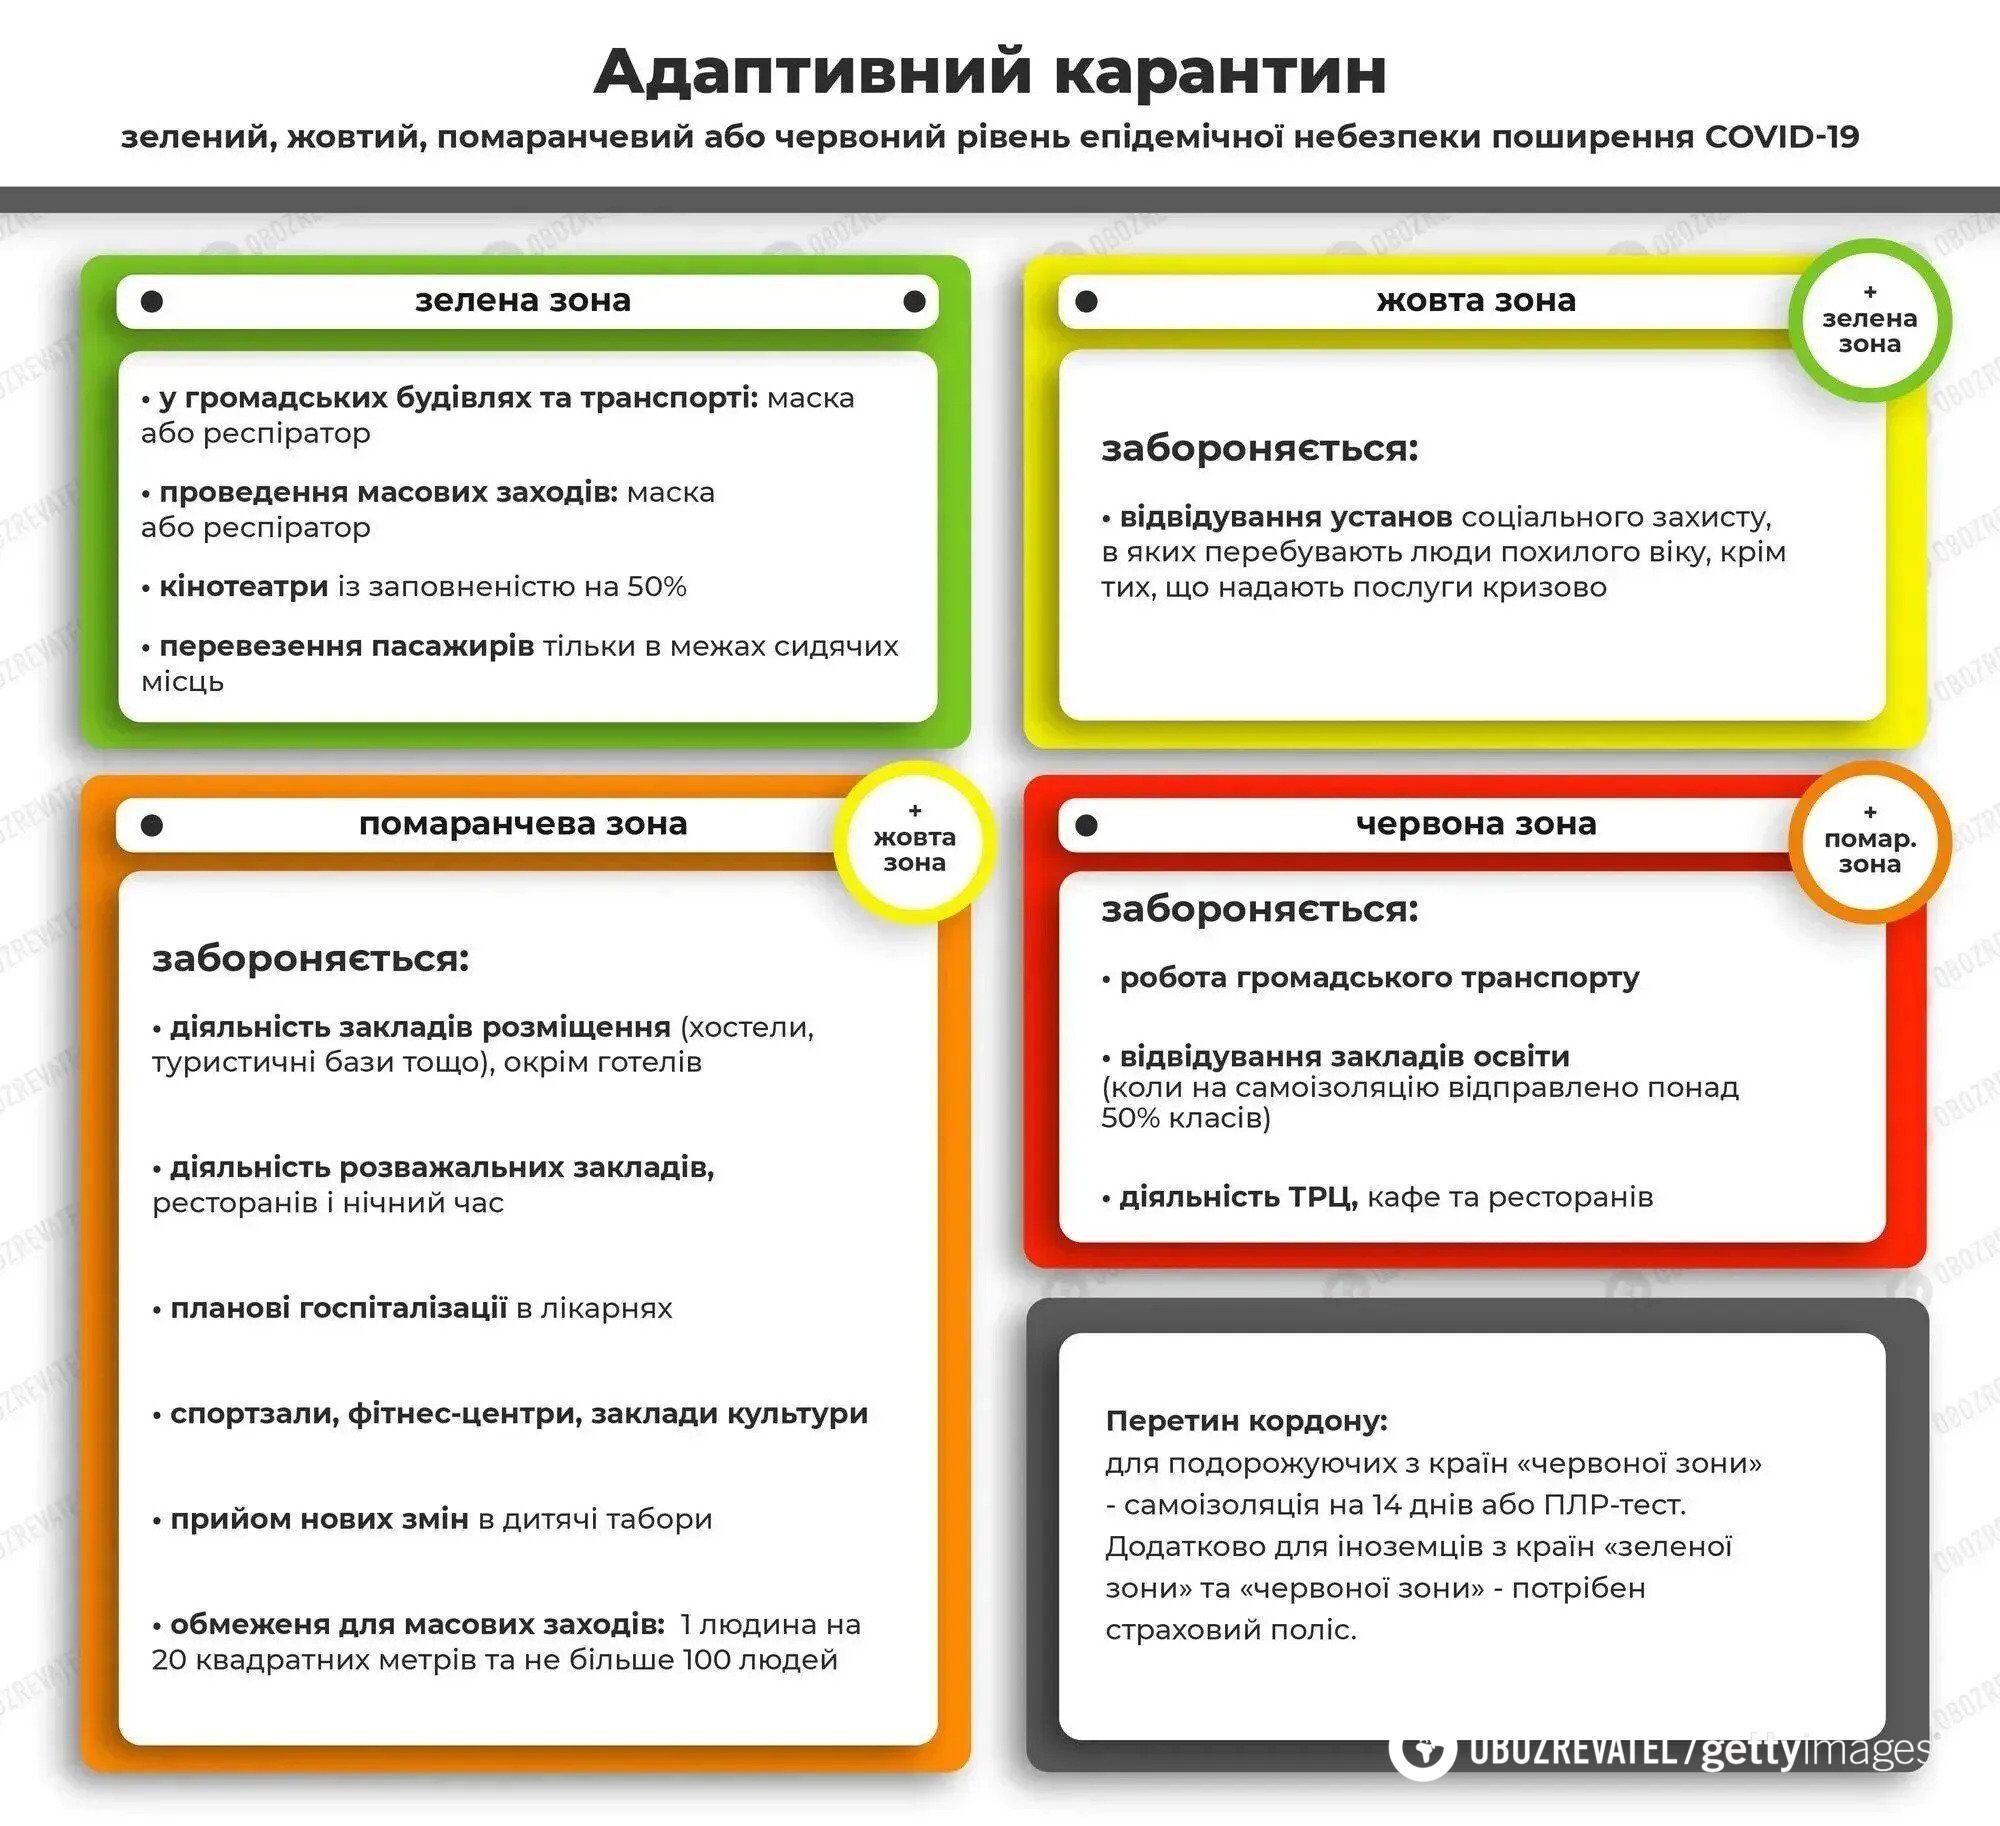 В Україні почав діяти адаптивний карантин: де найсуворіші заборони